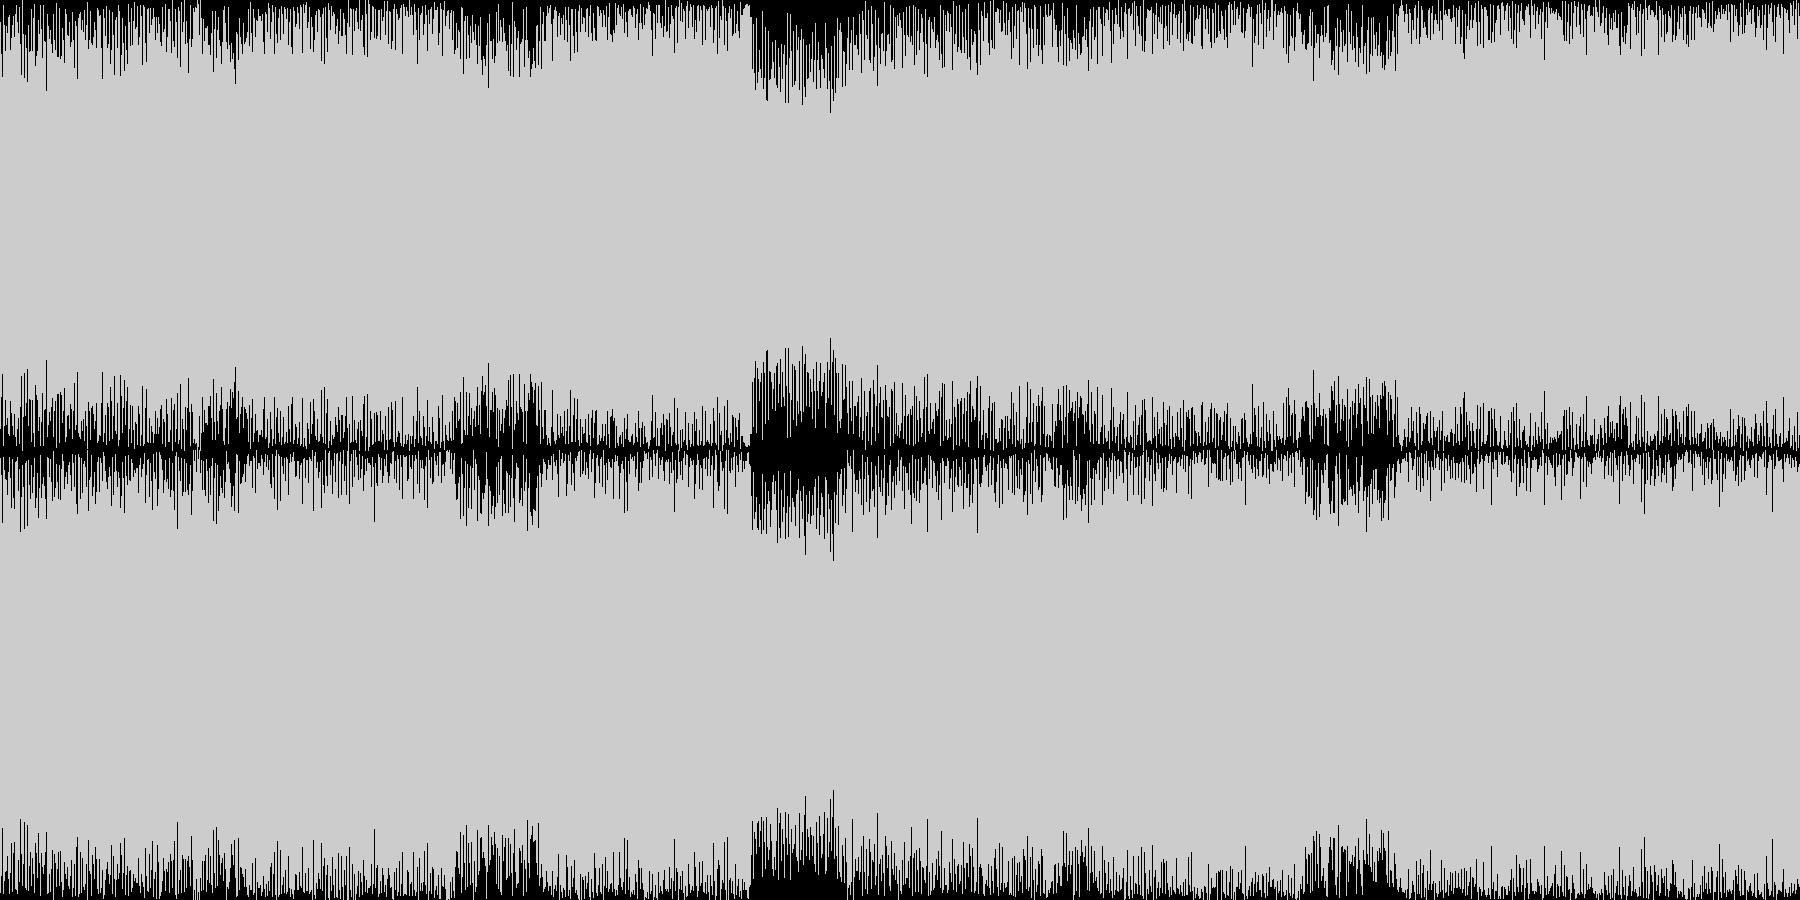 ループ可の疾走感のある立ち向かう系の曲の未再生の波形